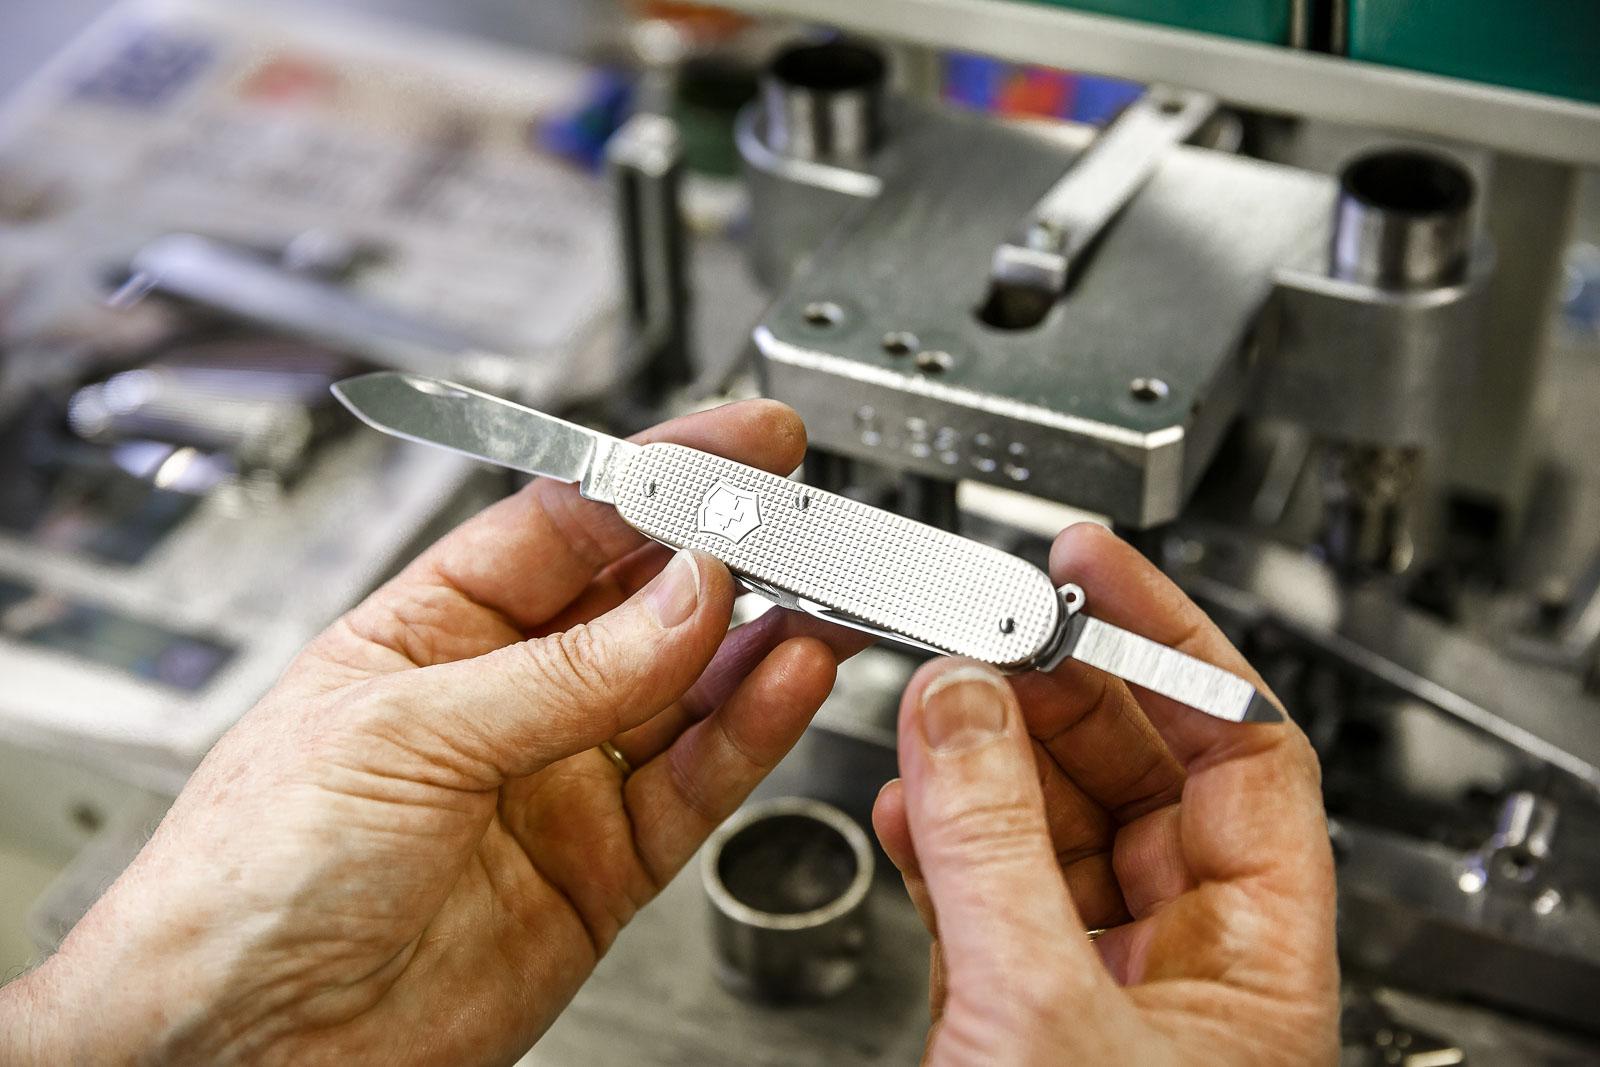 Zusammensetzen eines Schweizer Taschenmessers